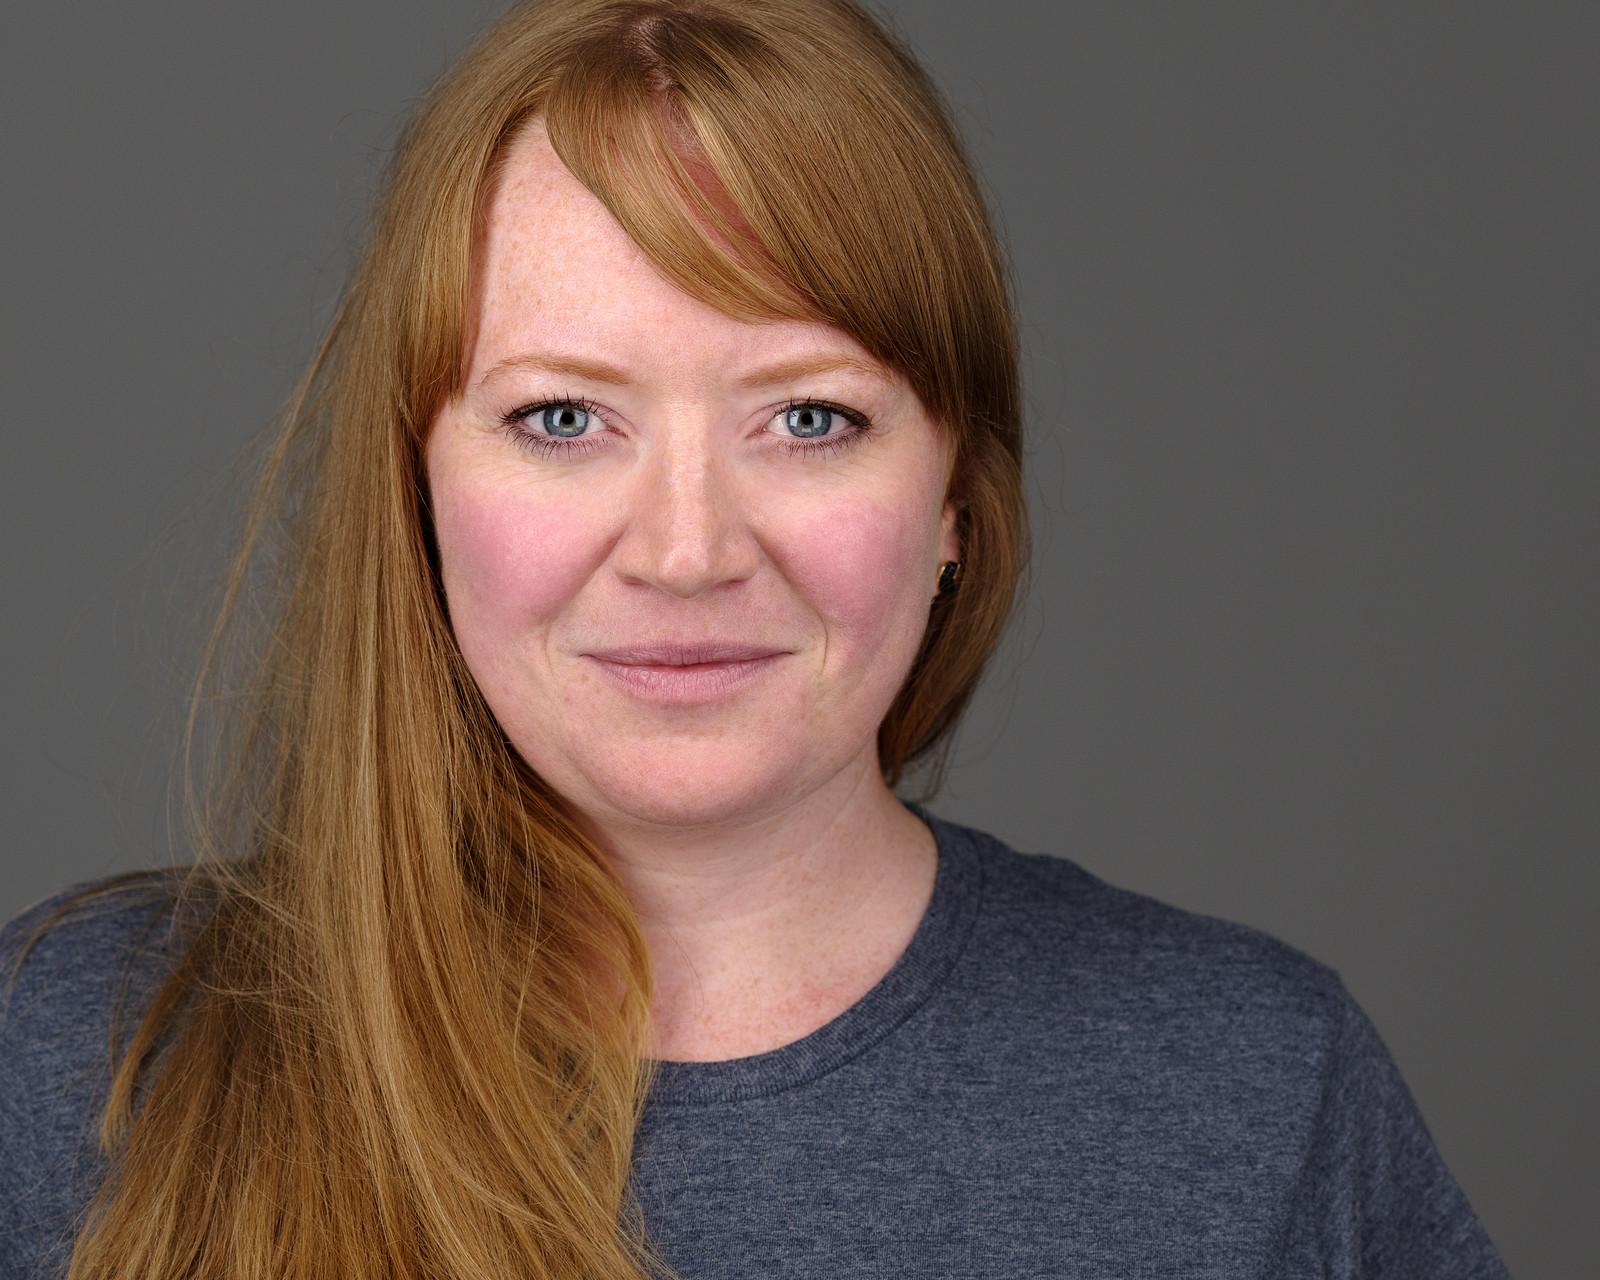 Ein hochwertiges Bewerbungsfoto Headshot Portraitfoto Frau Porträt Porträtfoto Businessfoto lächelnd vor grauem Hintergrund